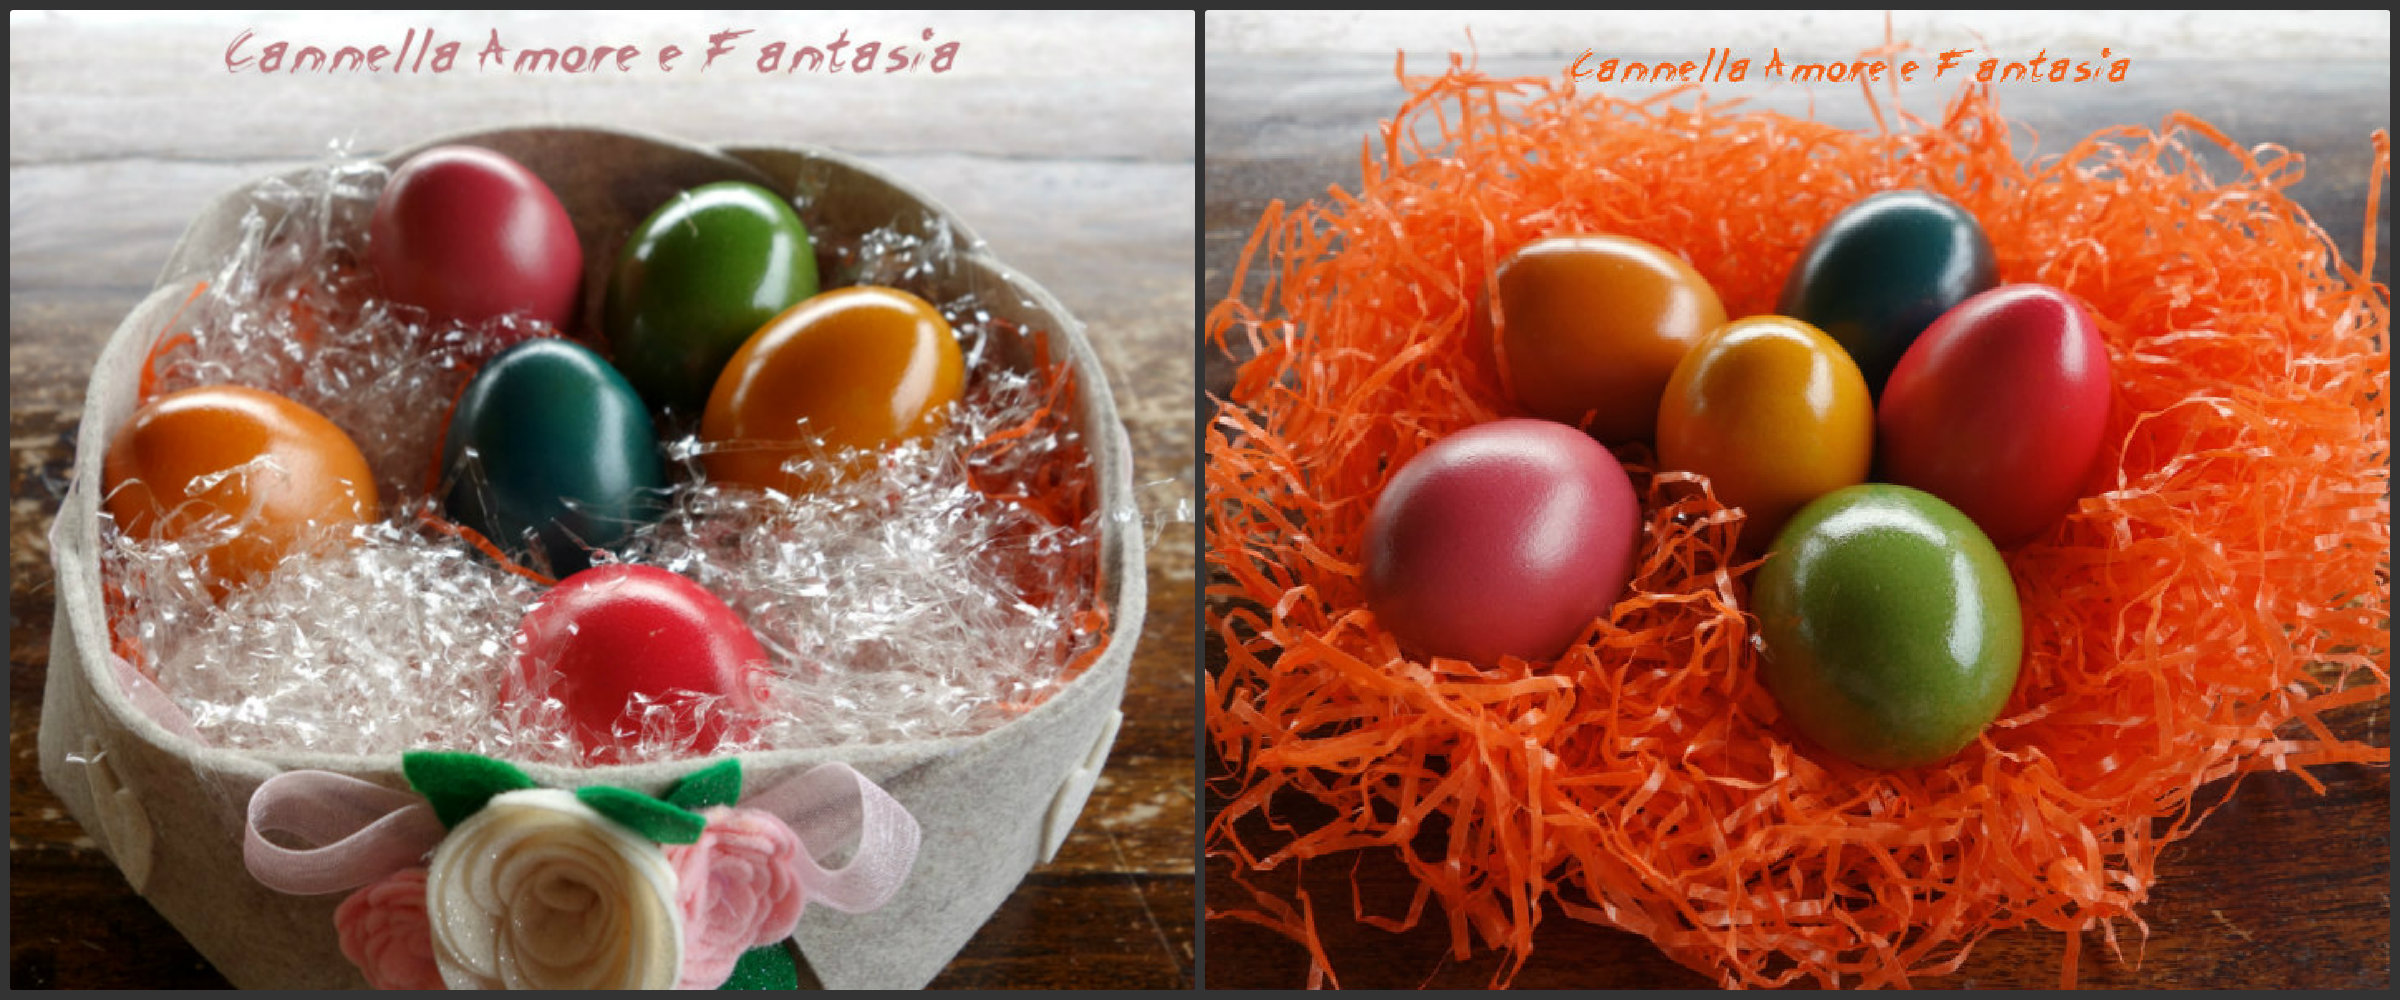 Uova di pasqua colorate naturalmente - Uova di pasqua decorati ...